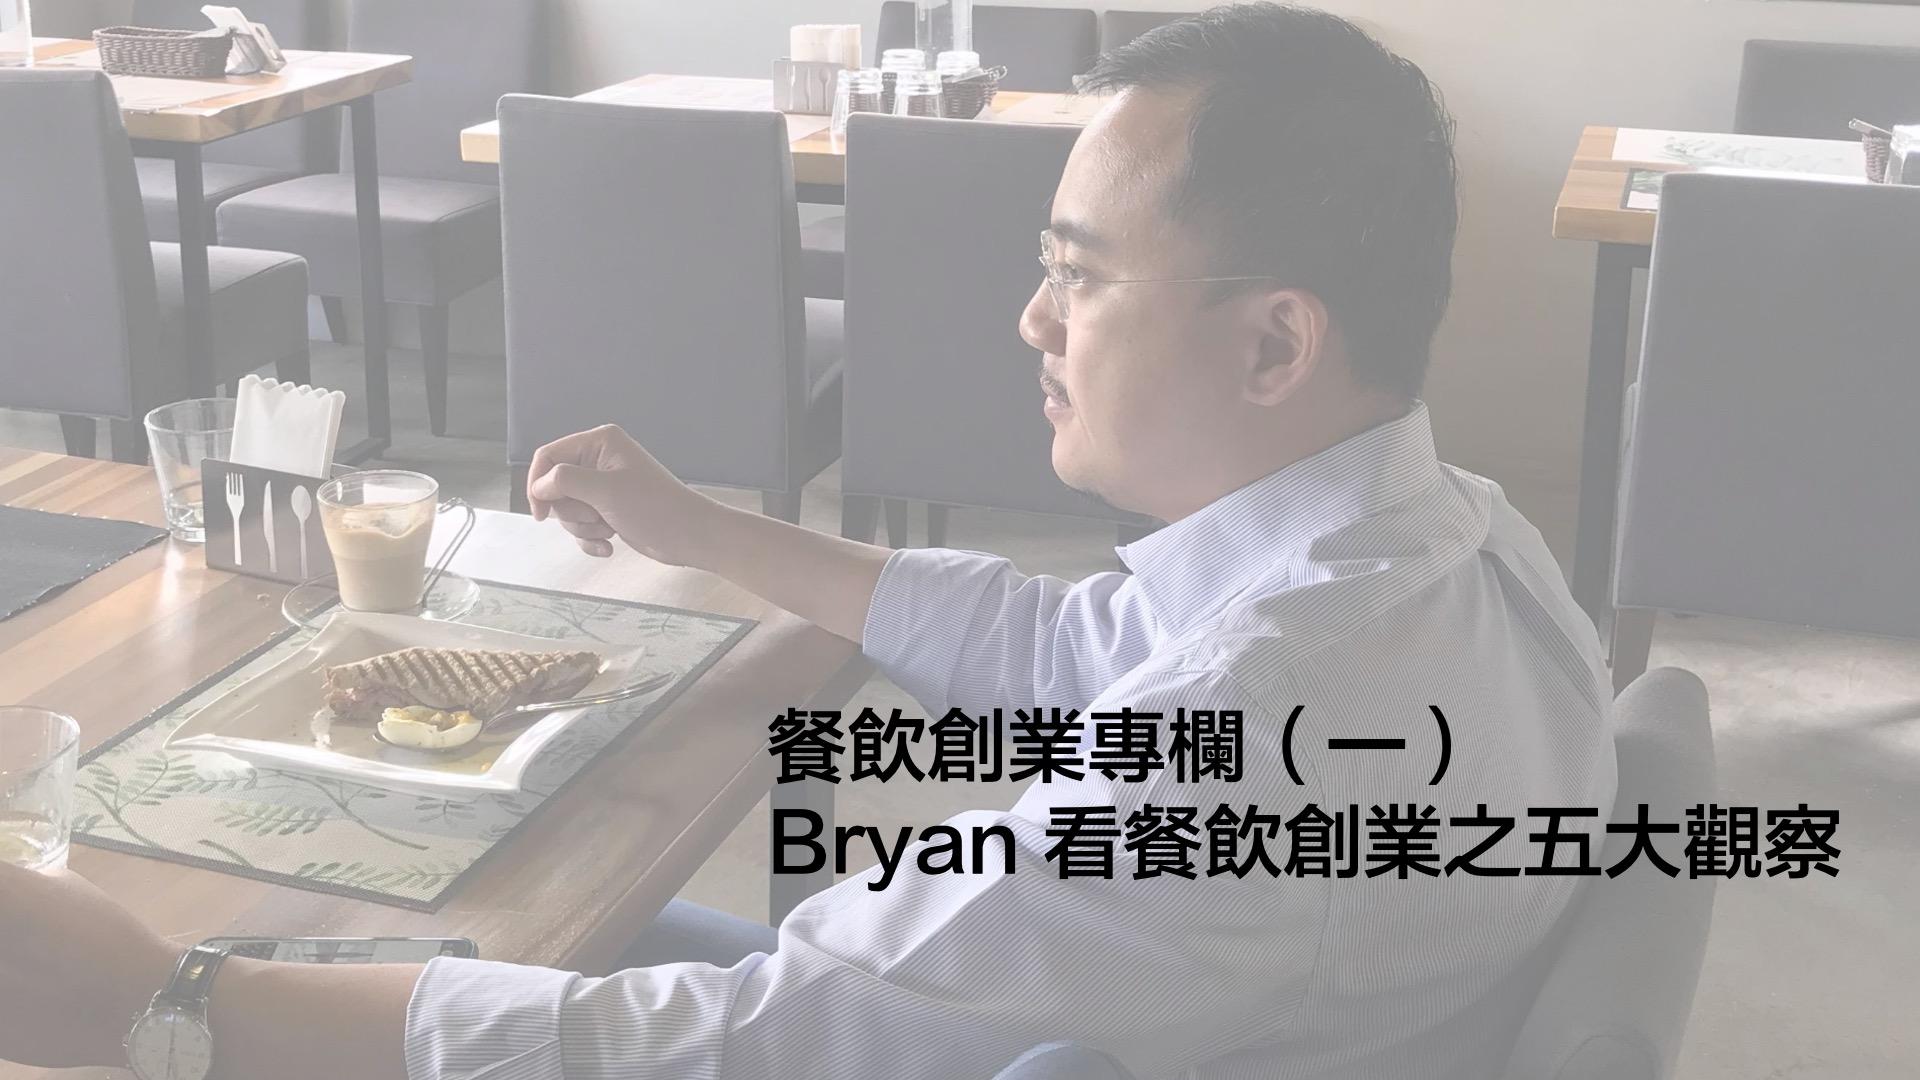 黃沛聲-Bryan 看餐飲創業之五大觀察